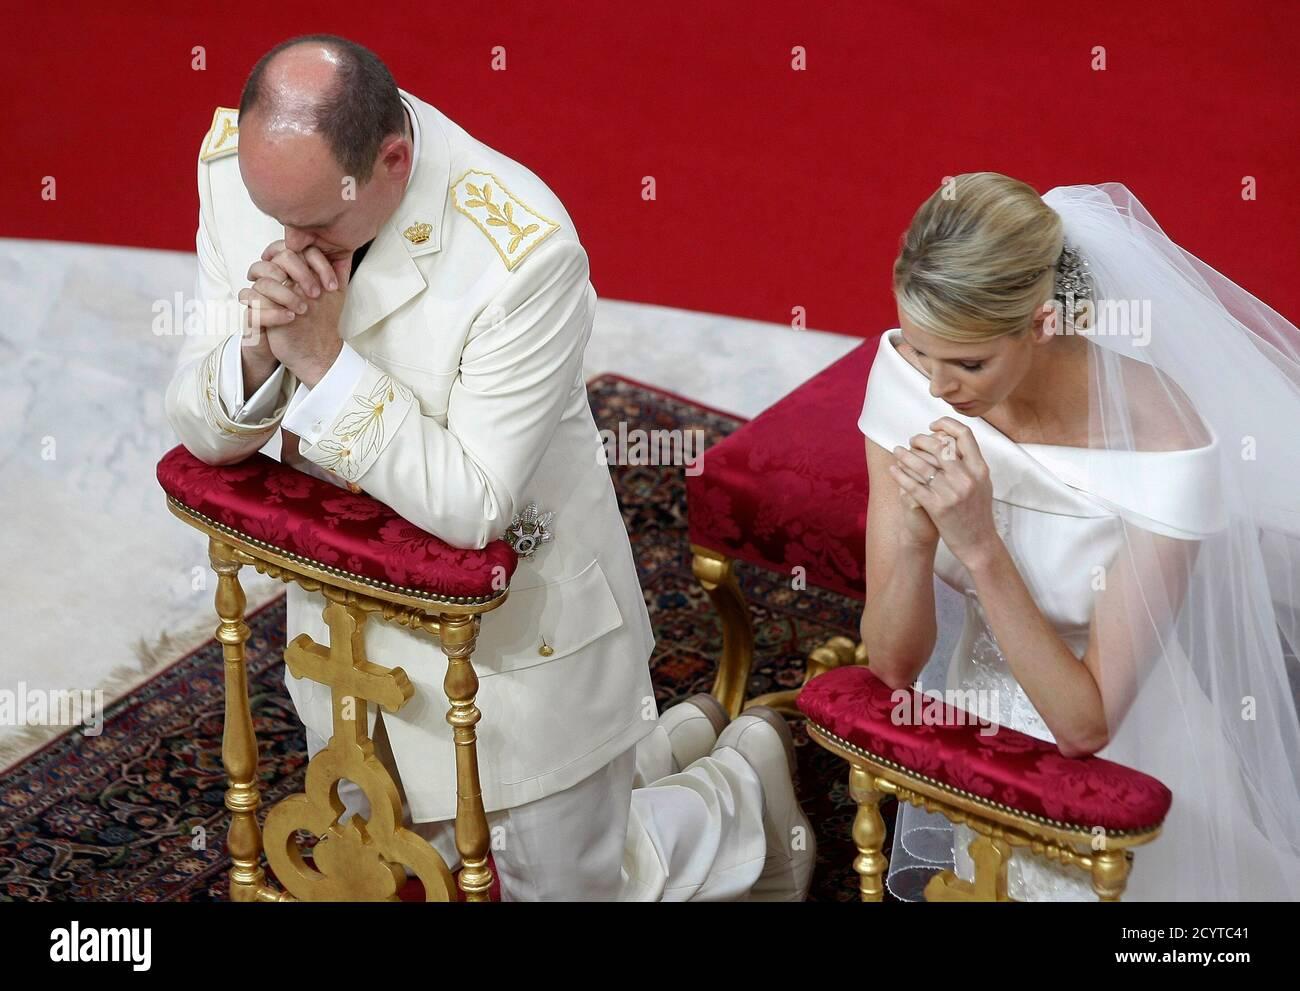 Monacos Fürst Albert II. (L) und Prinzessin Charlene knien am Altar während ihrer religiösen Hochzeitszeremonie im Palast von Monaco am 2. Juli 2011. REUTERS/Lionel Cironneau/Pool (MONACO - Tags: ROYALS UNTERHALTUNG BILD DES TAGES TOP PICTURE) Stockfoto